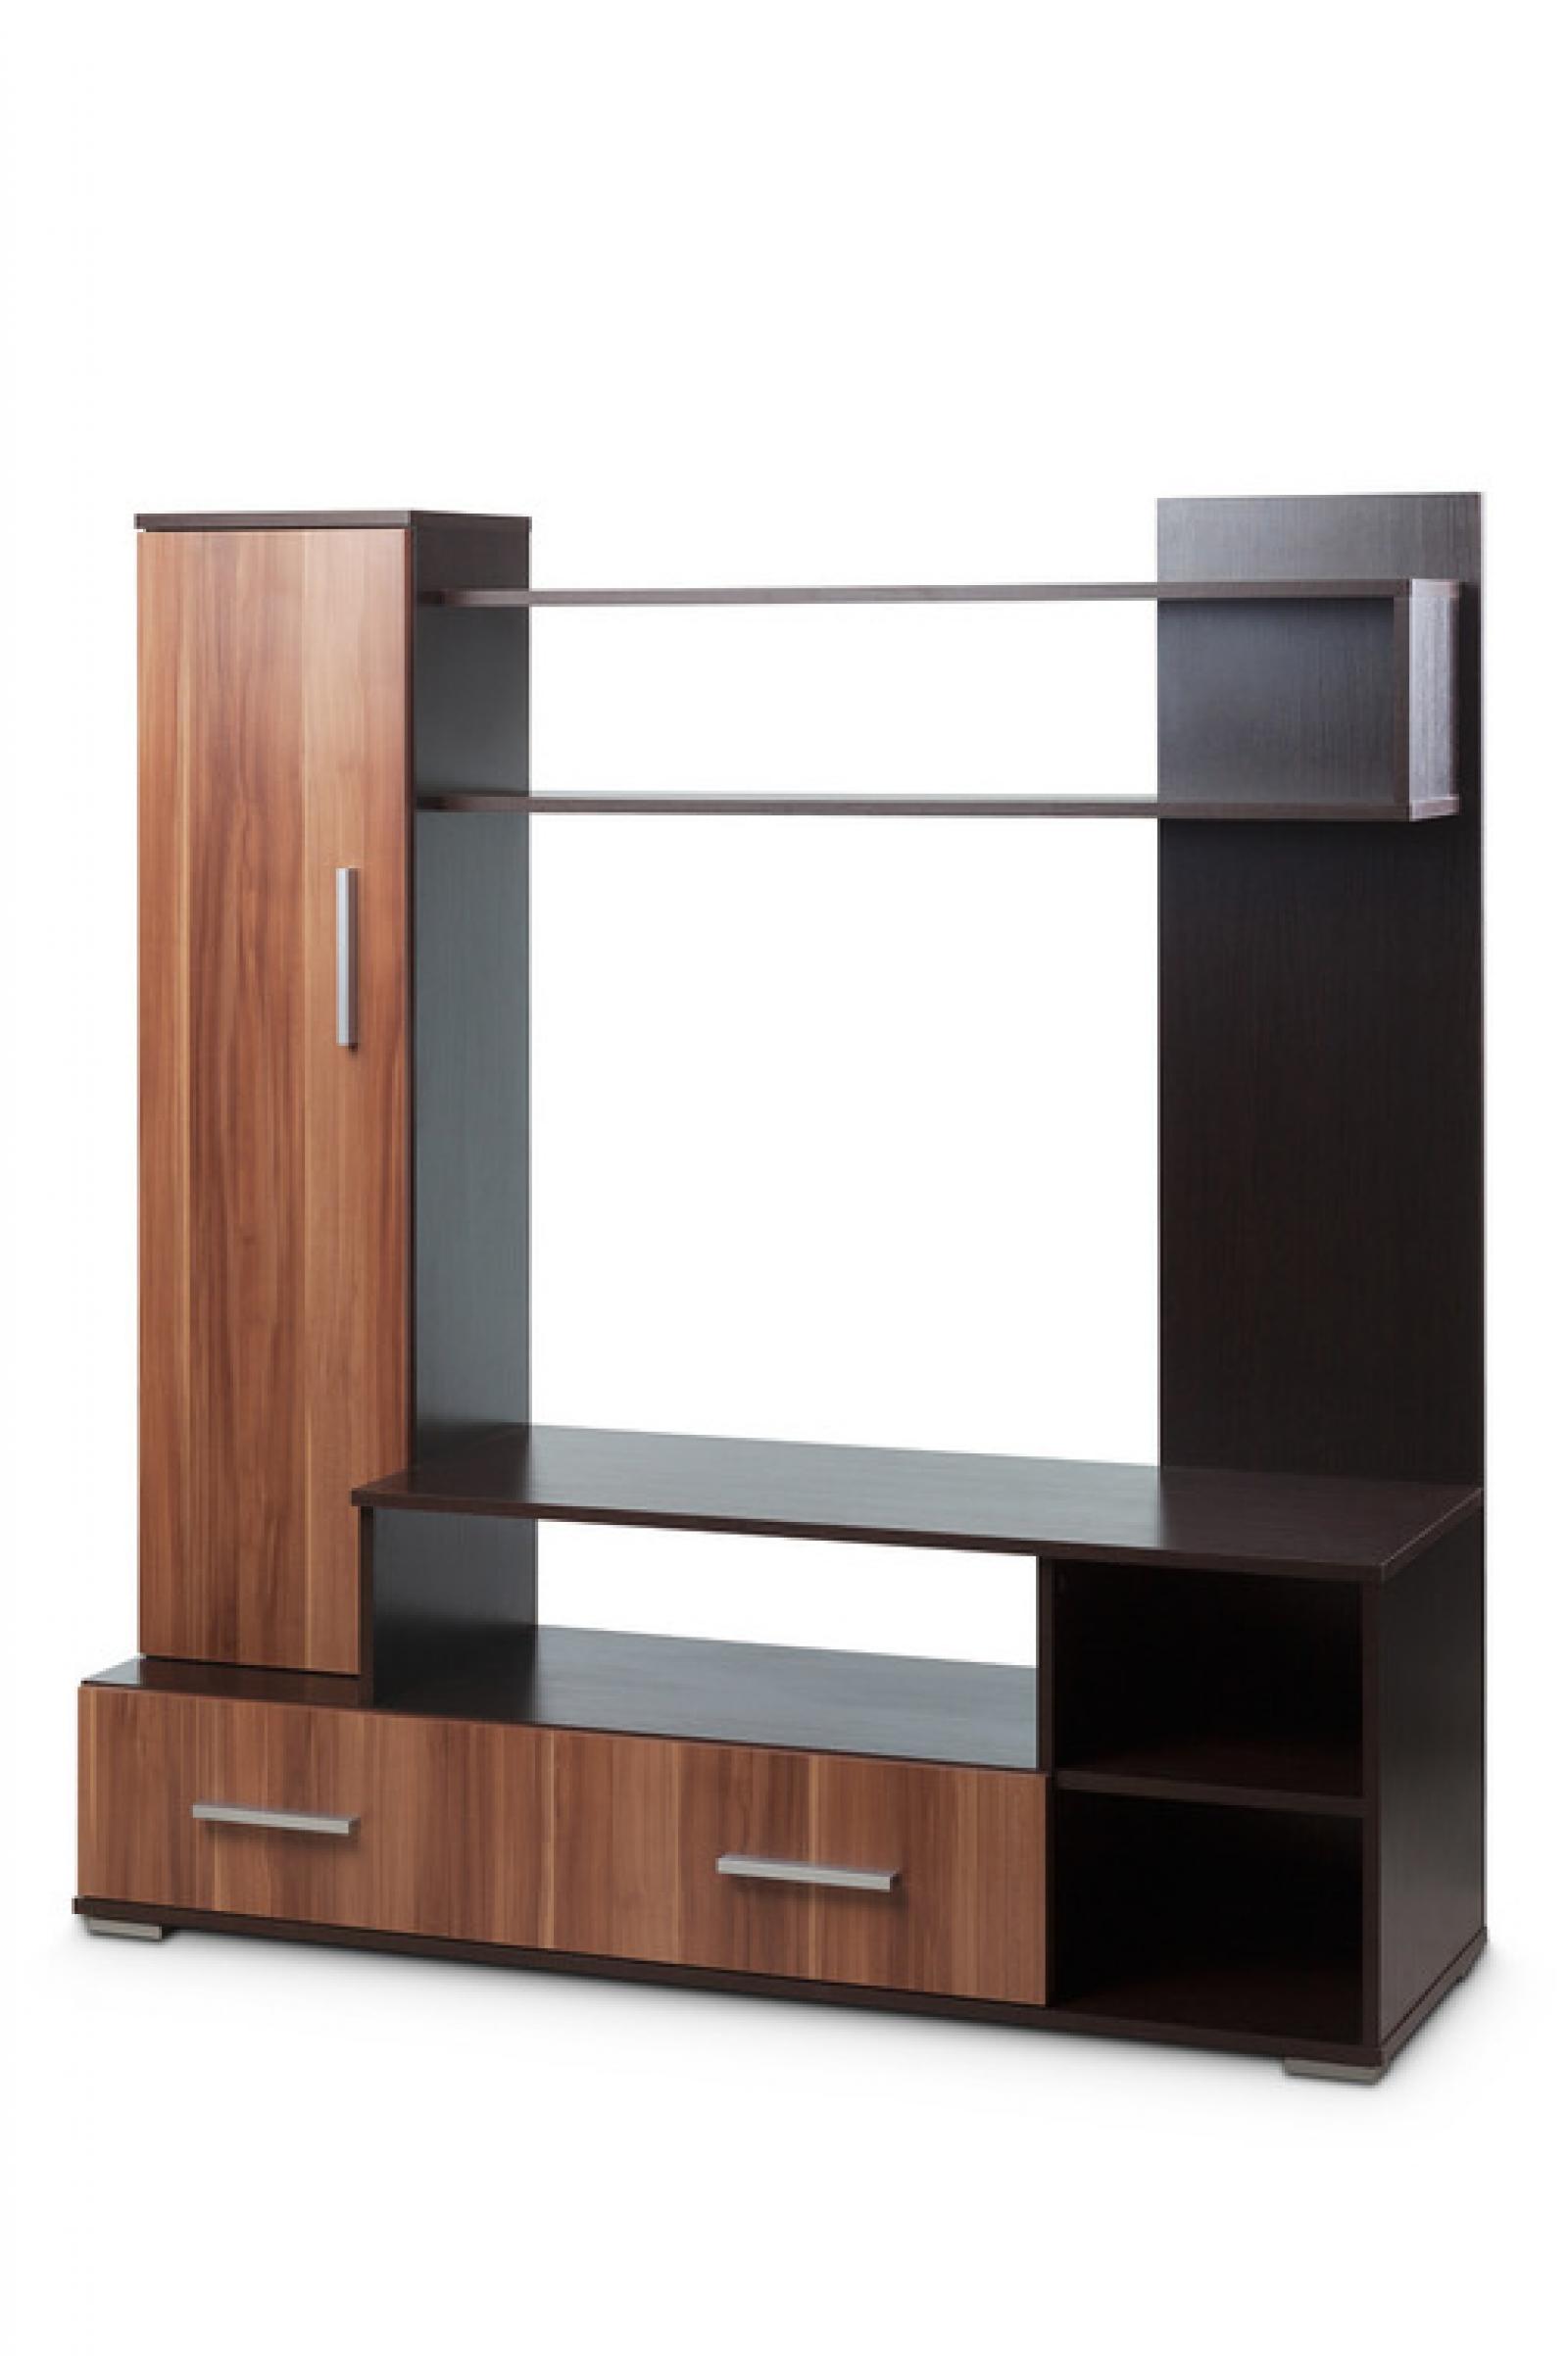 Мебель для гостинной РИО-3 венге/слива валис - 1